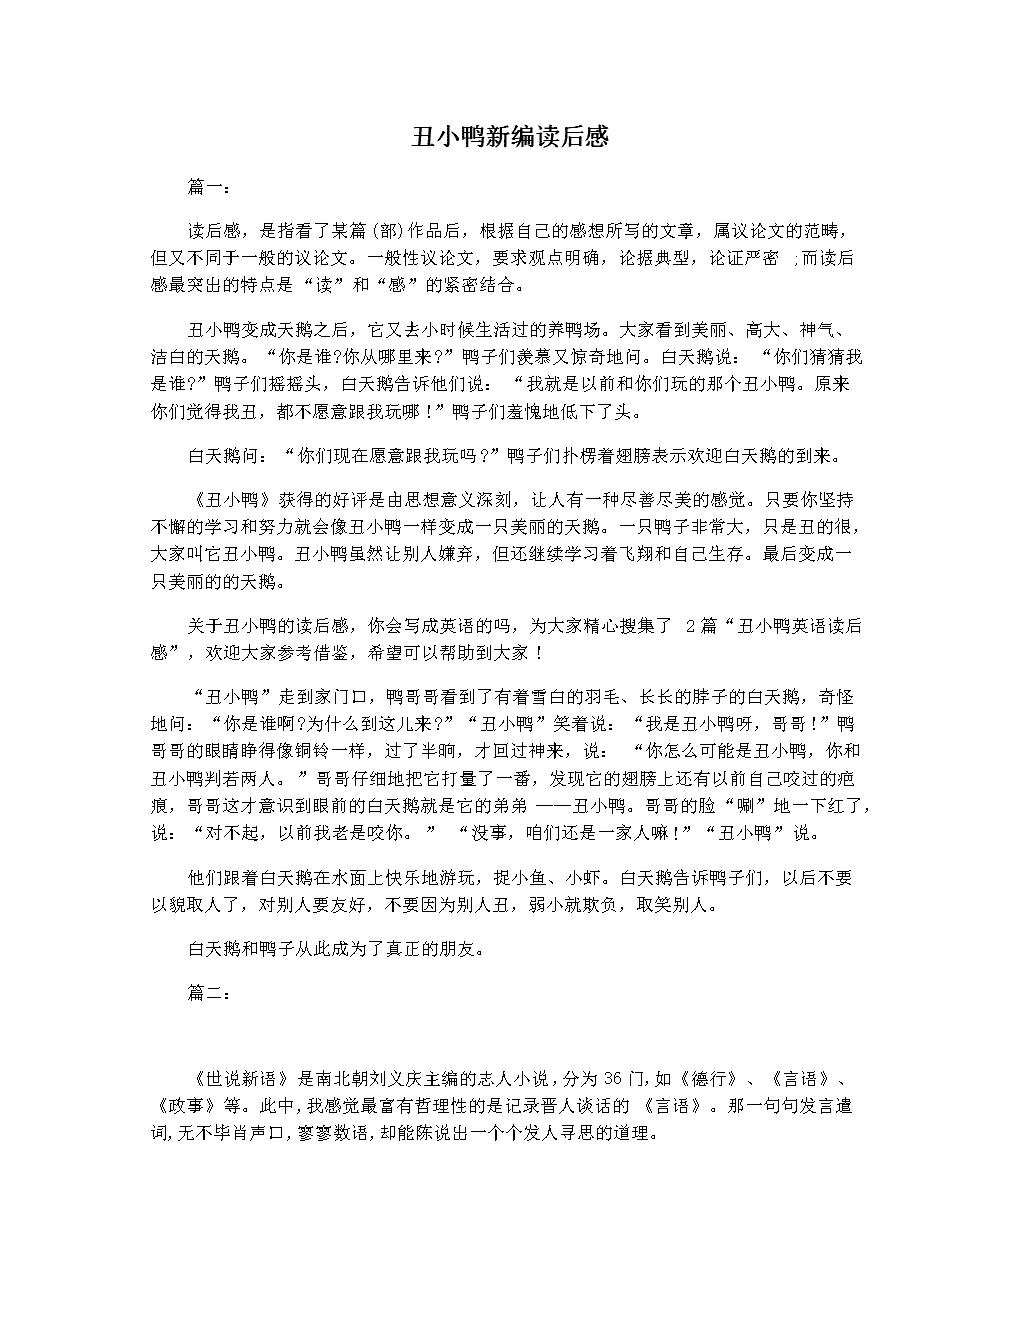 丑小鸭新编读后感.docx